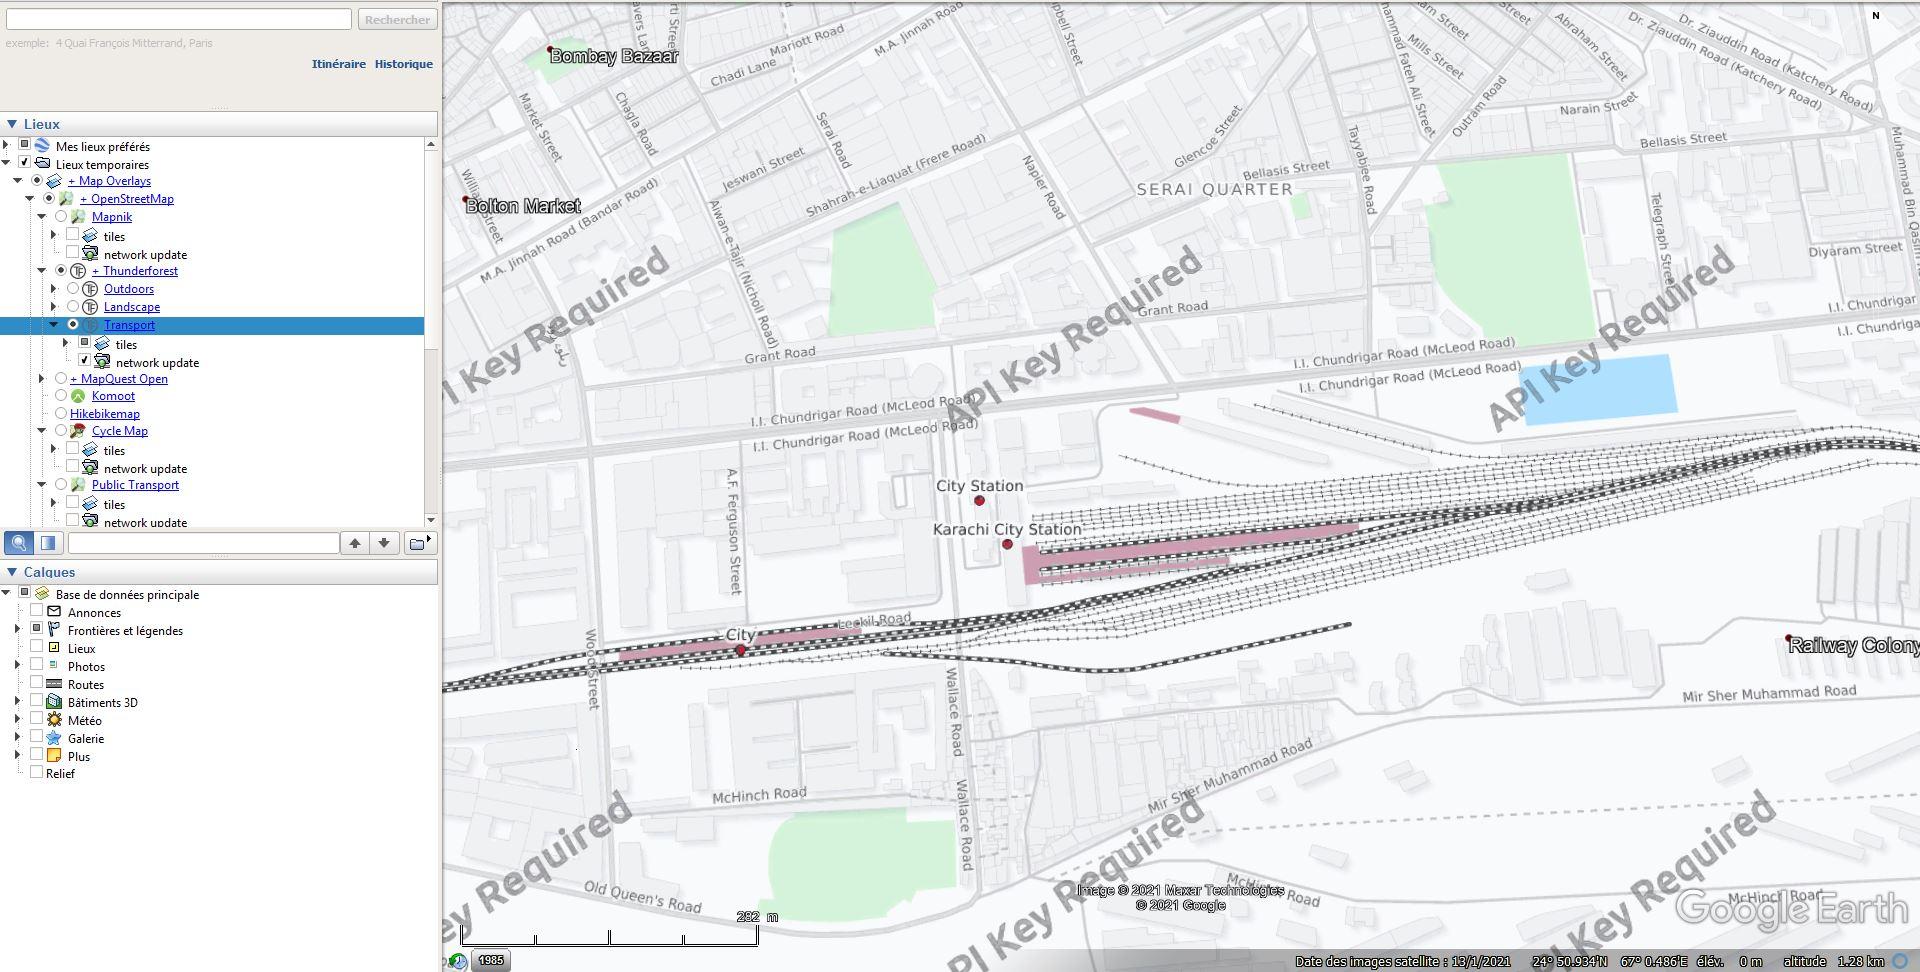 Les chemins de fer en Europe : toutes les gares [fichier KML pour Google Earth] Tsge1976